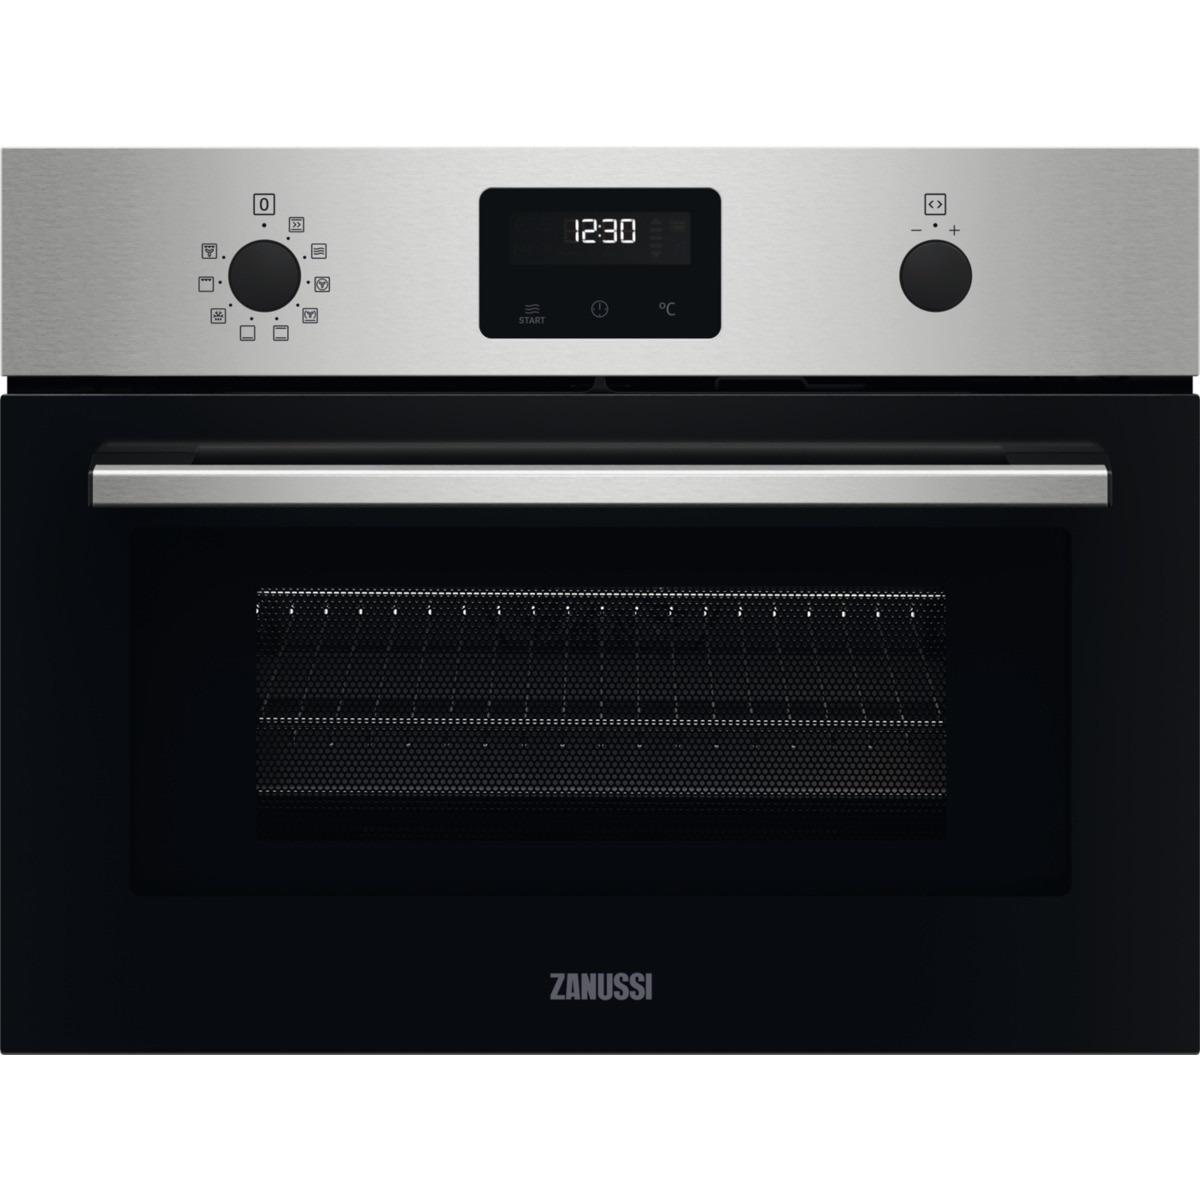 Zanussi ZVEKM6X1 Inbouw oven Staal